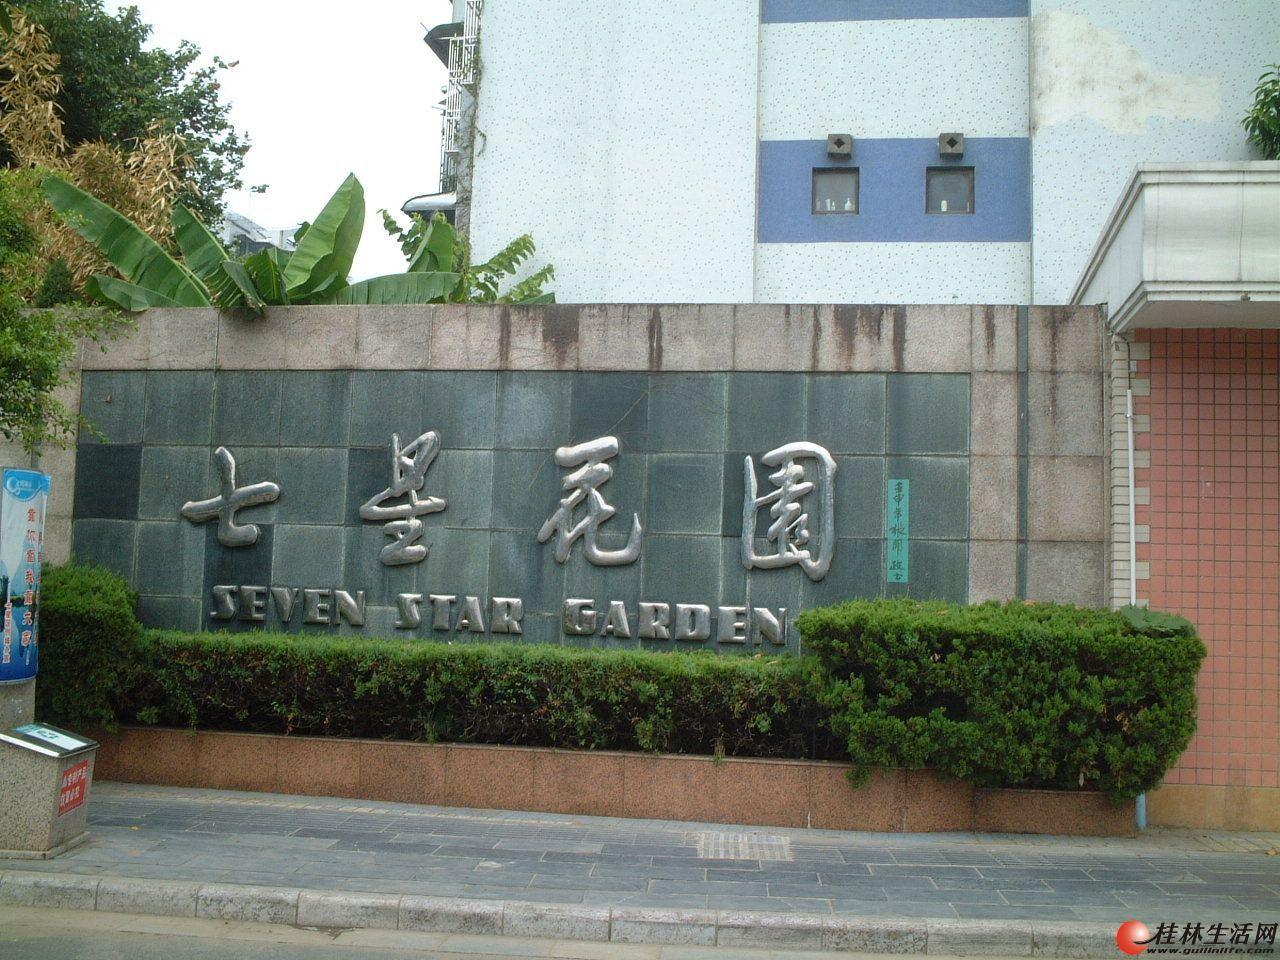 出售七星花园,3房2厅1卫,110平米,56万,楼层1楼,小区配套齐全,有幼儿园、游泳池